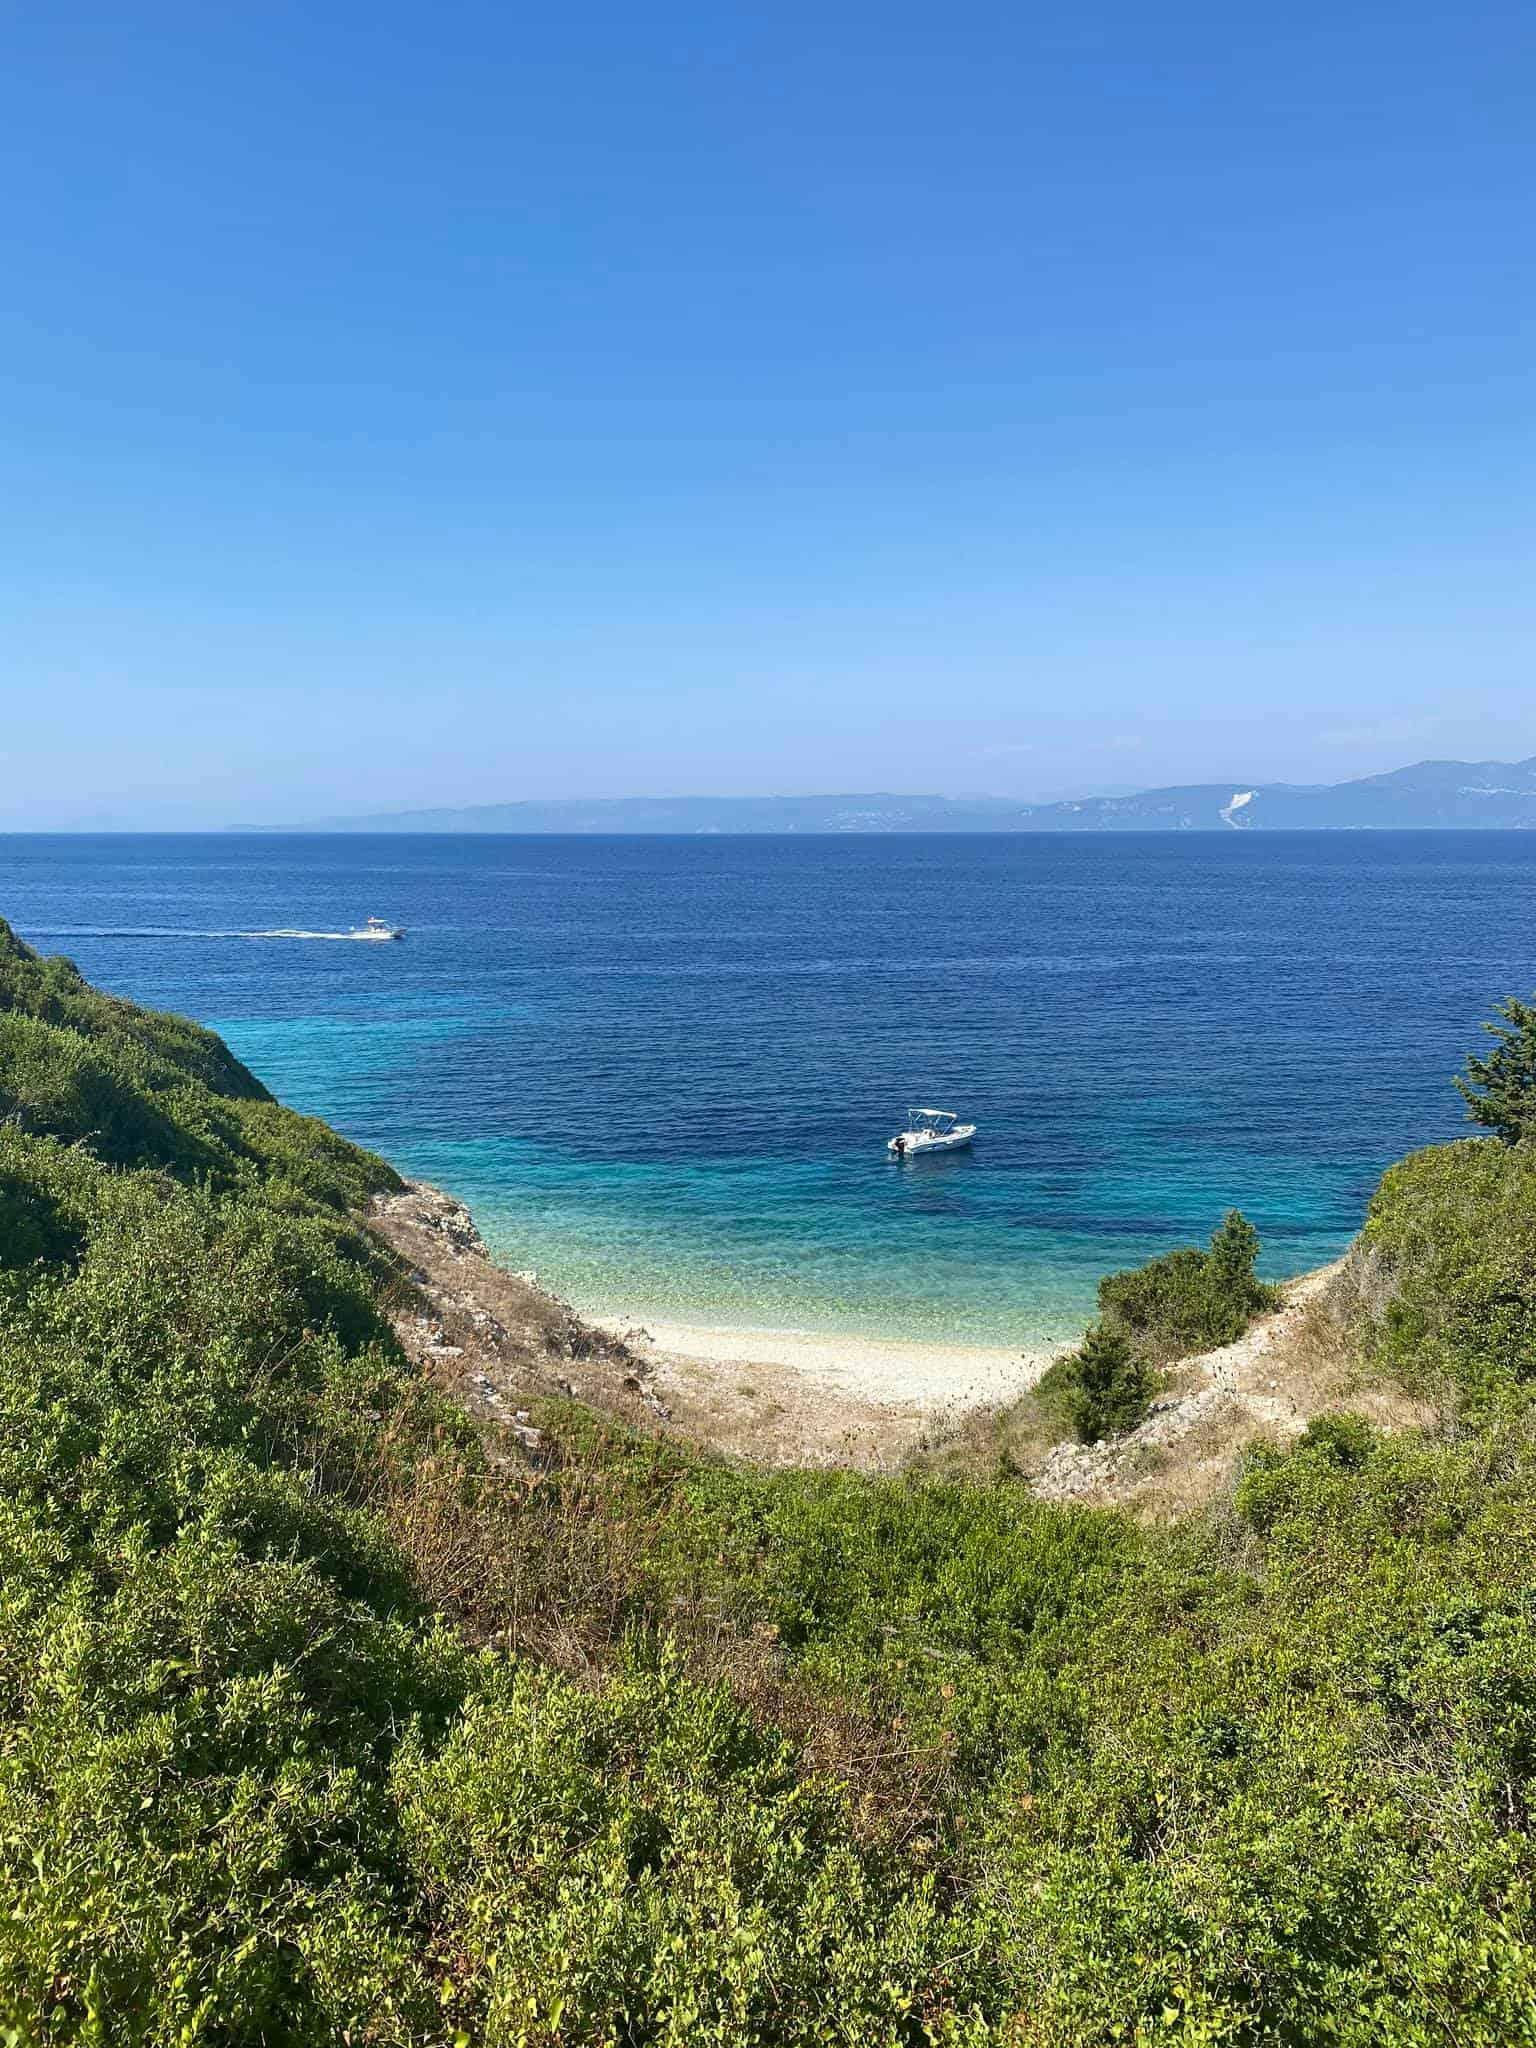 Paxos: A Mediterranean paradise